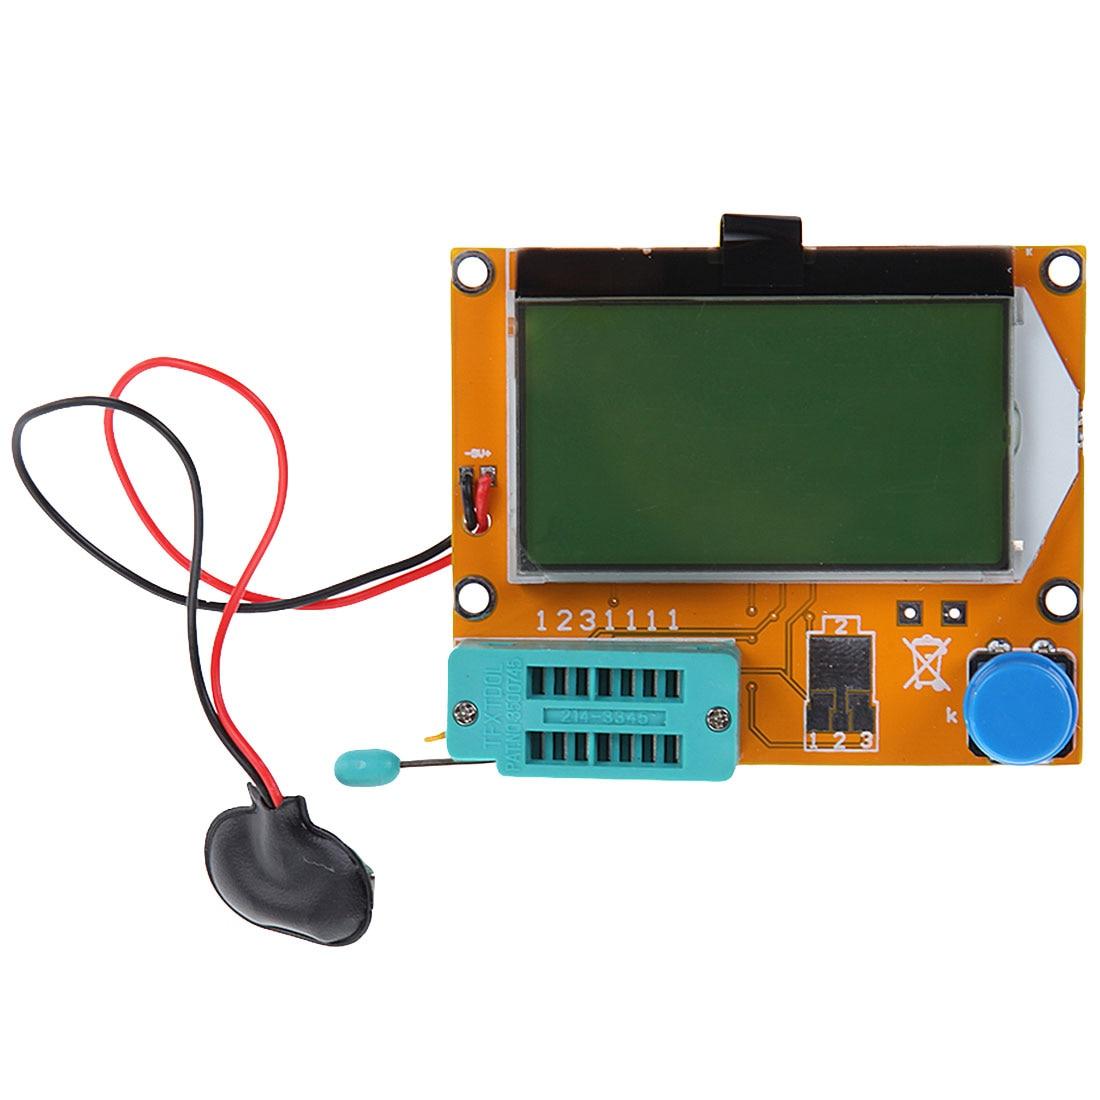 LCD Digital Transistor Tester Meter LCR-T4 12864 9V Backlight Diode Triode Capacitance ESR Meter For MOSFET/JFET/PNP/NPN L/C/R ...